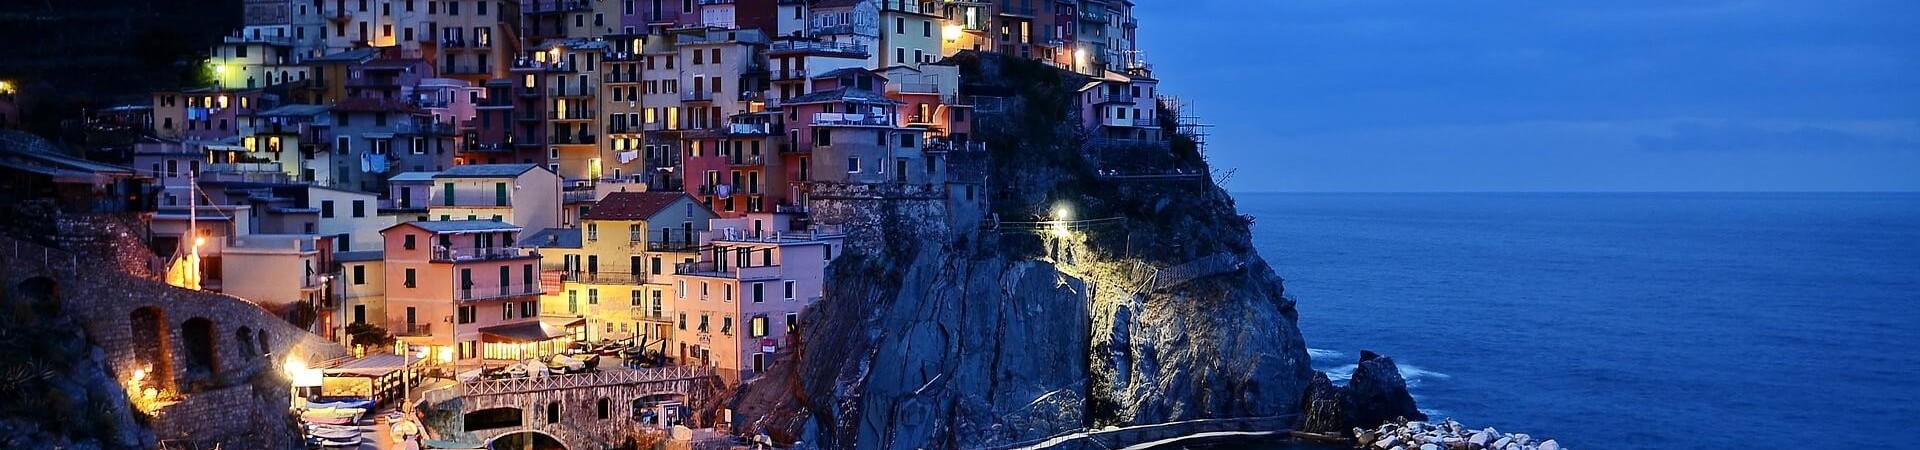 Włochy Cinque Terre